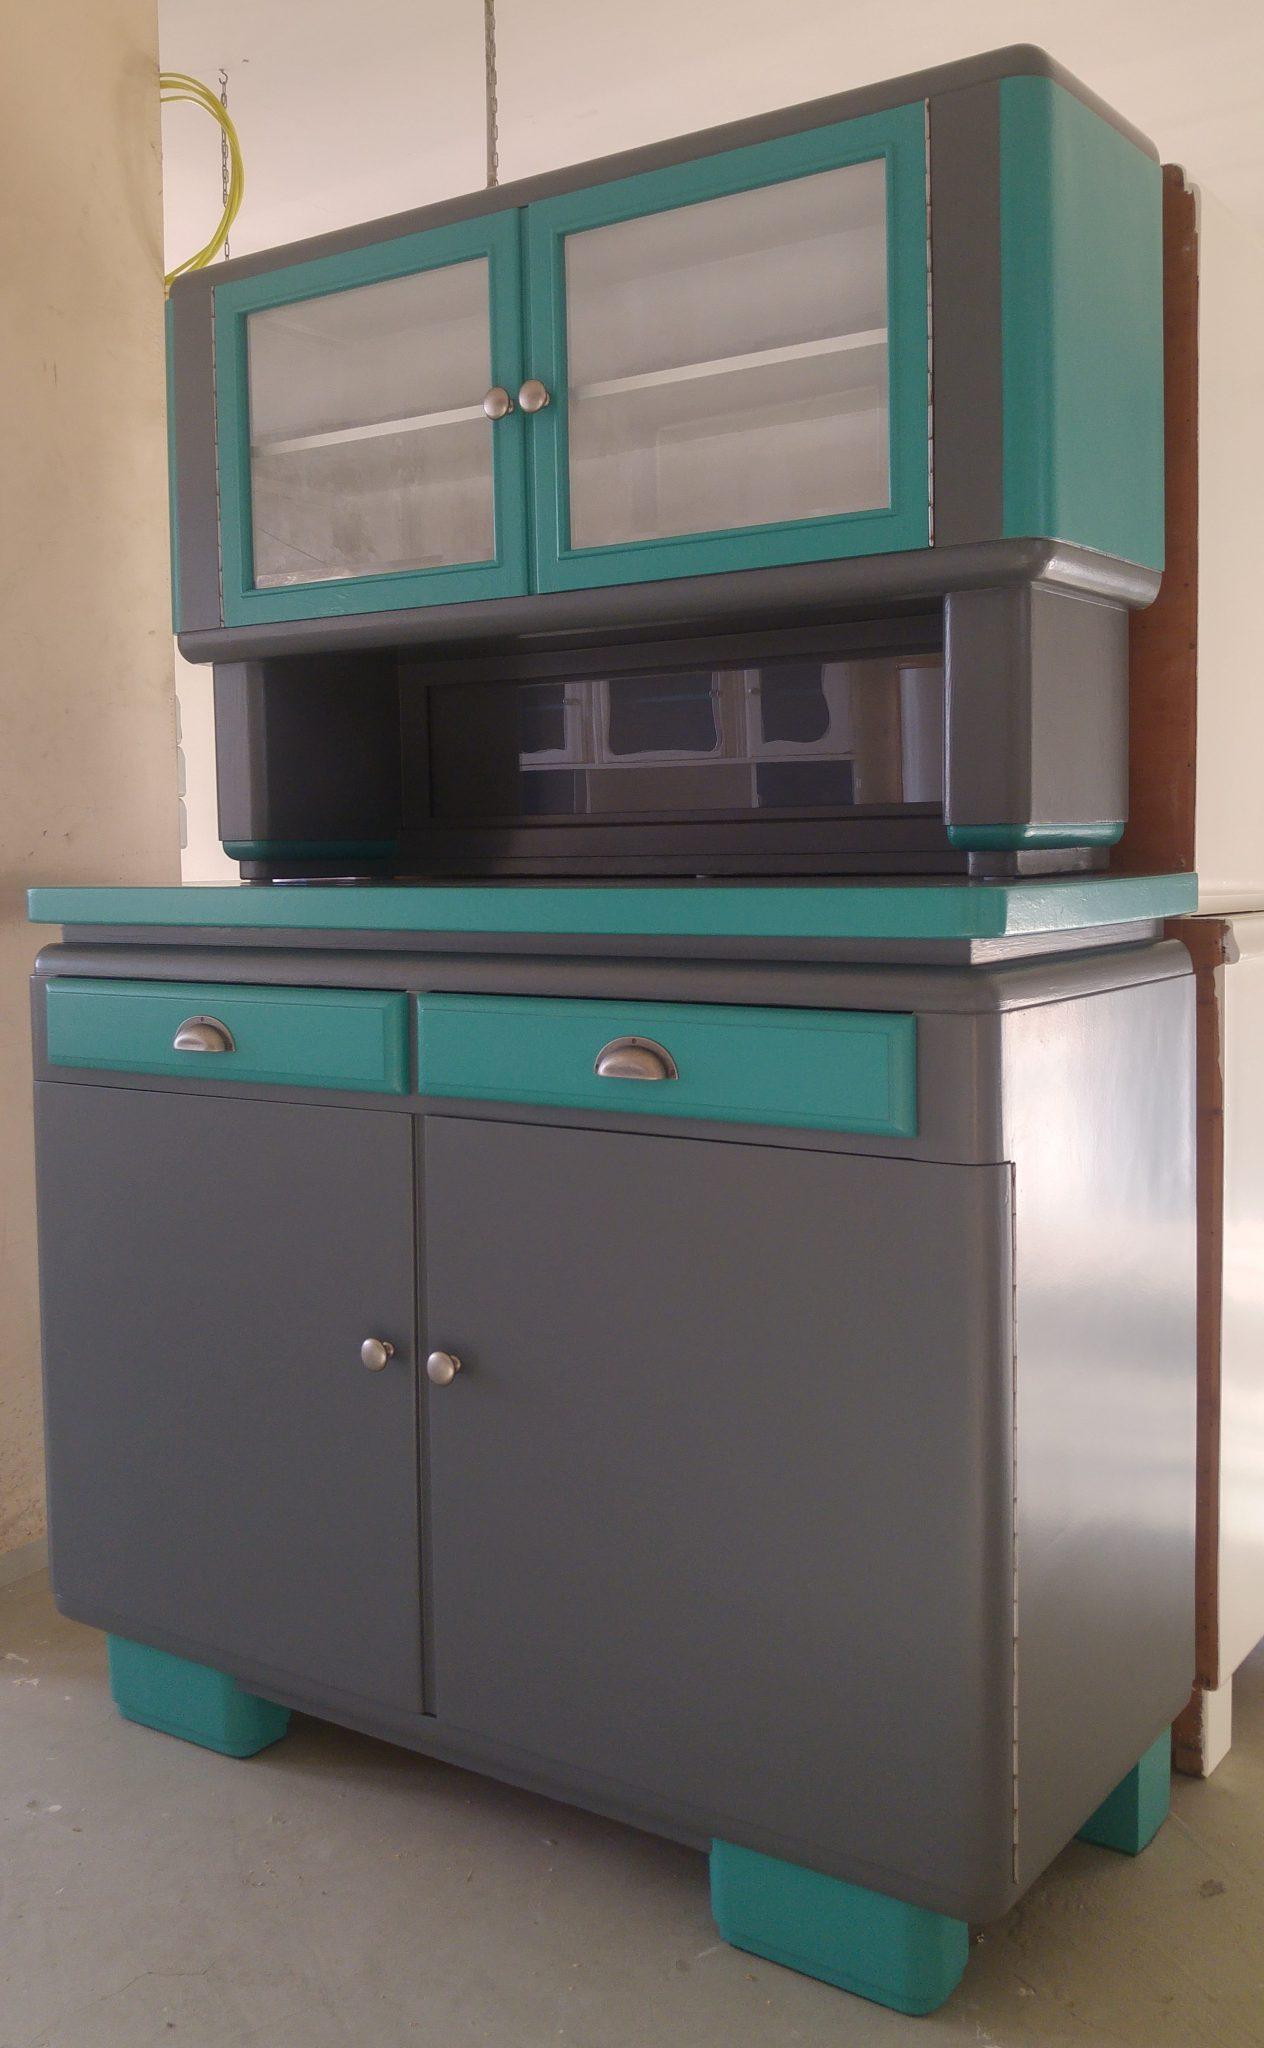 Möbel der 50er Jahre - Garagenmoebel Küchenbuffet, alte KüchenschränkeGaragenmoebel Küchenbuffet